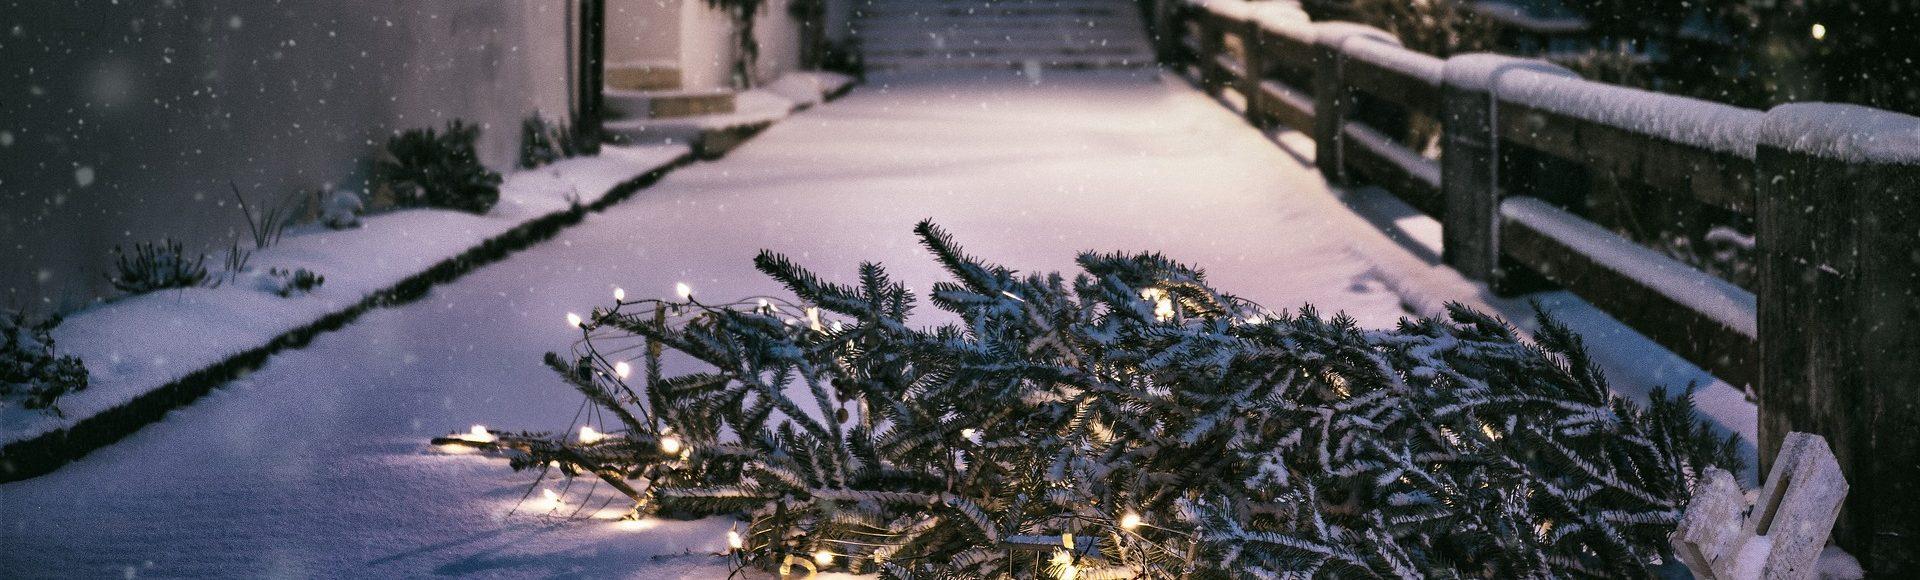 Die Weihnachtszeit.